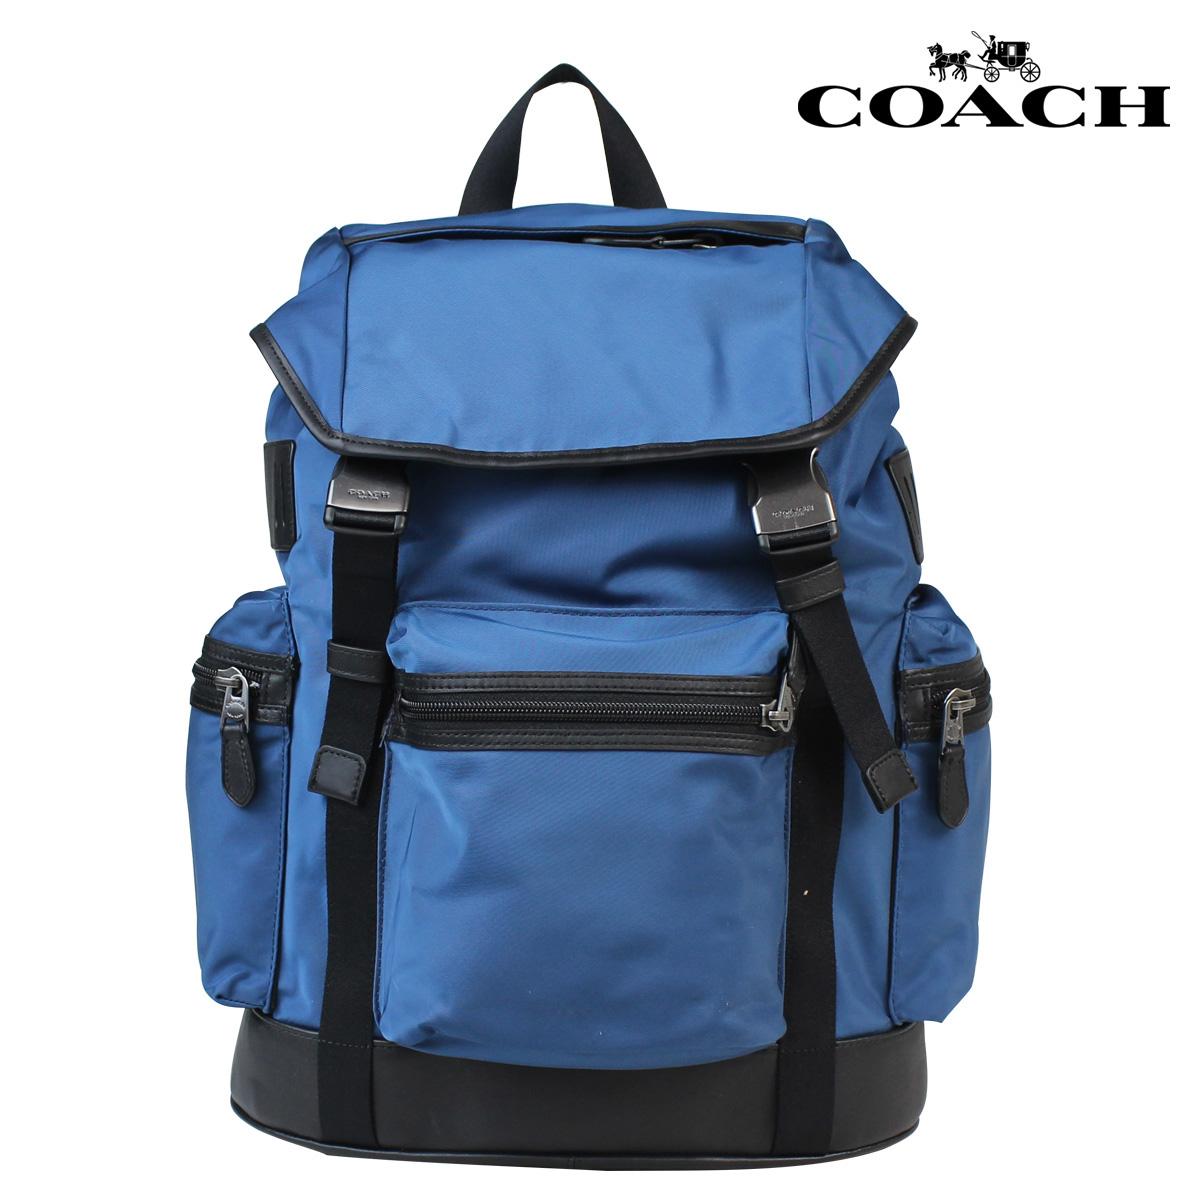 COACH コーチ メンズ リュック バックパック F71884 スレート